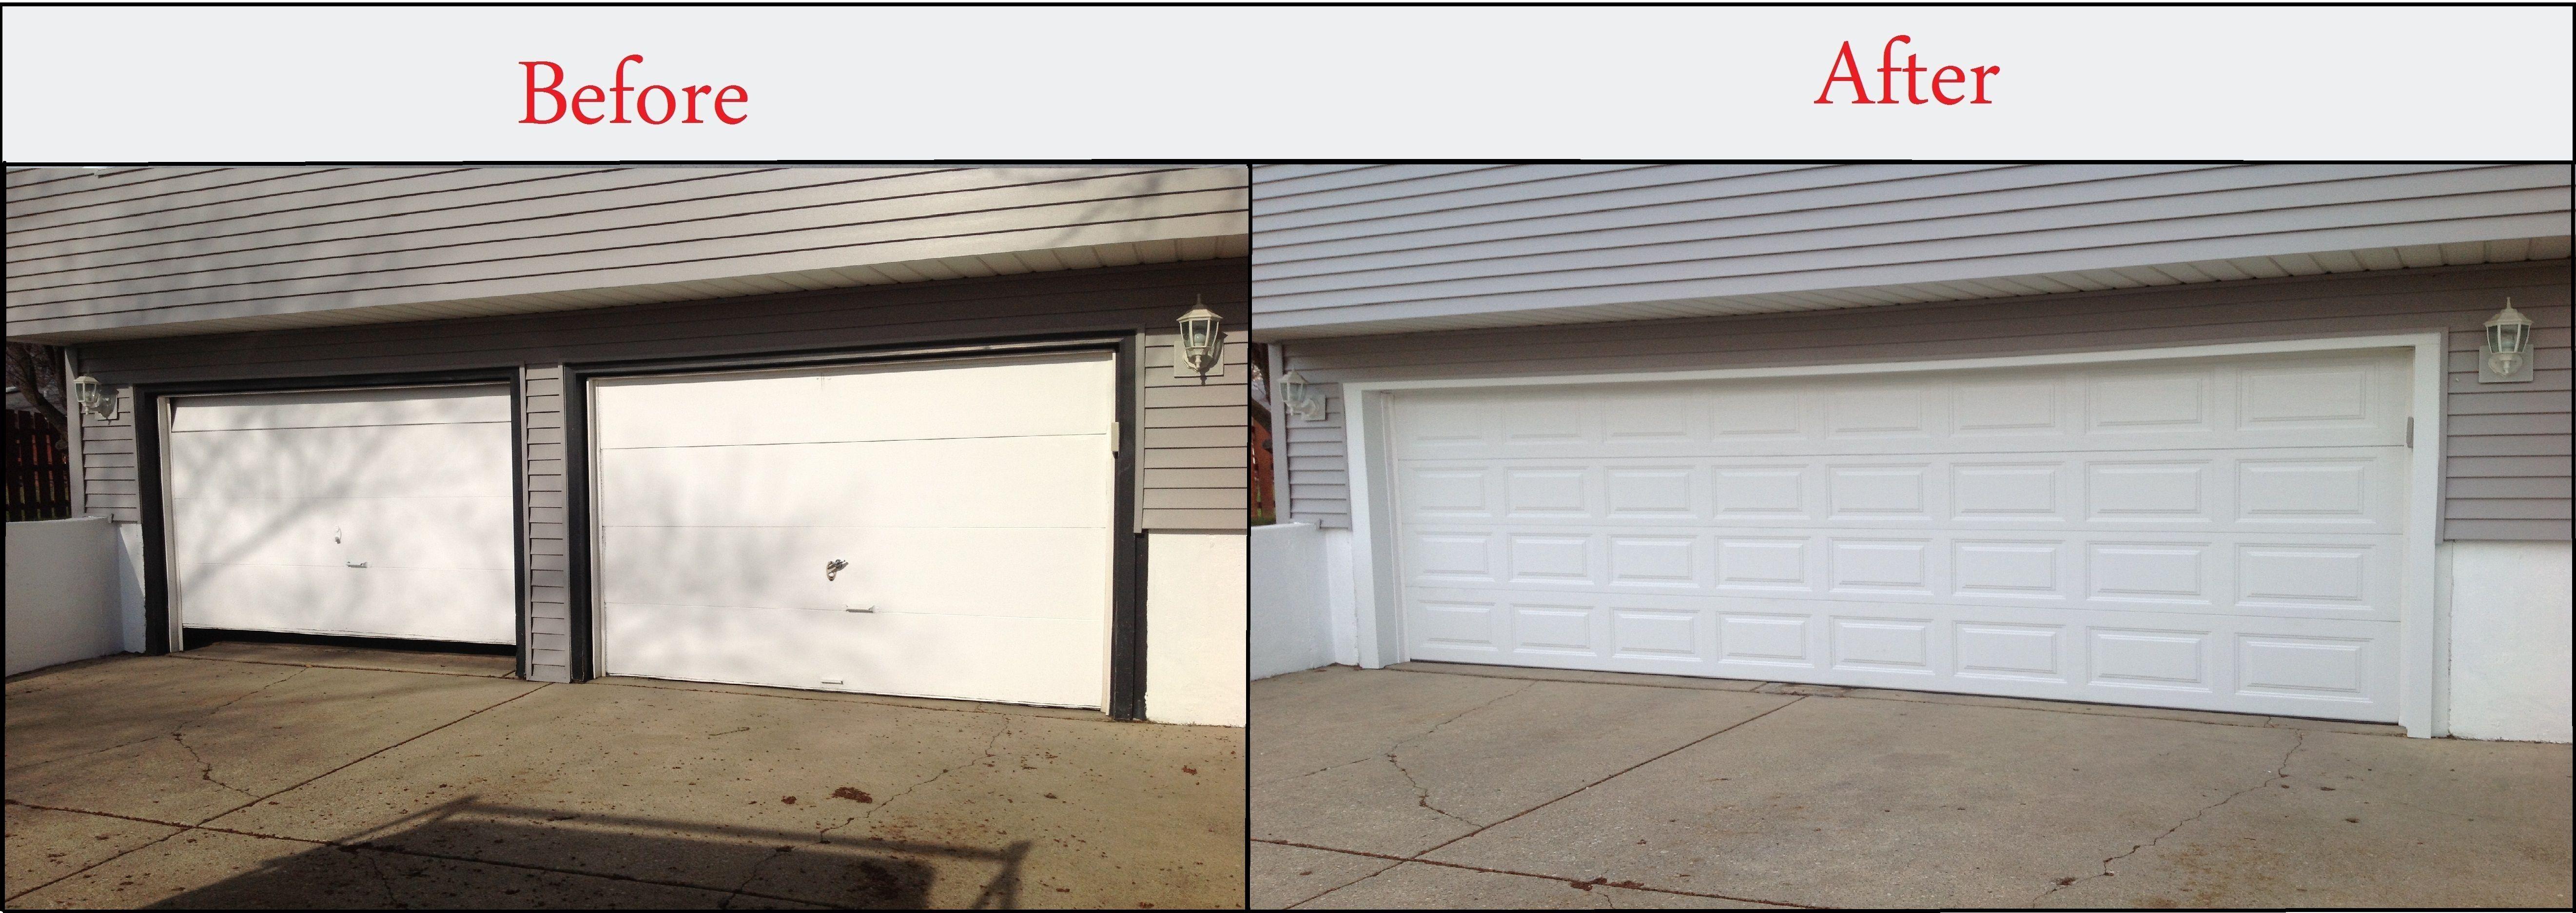 Gas Strut Garage Door | Http://voteno123.com | Pinterest | Garage Doors And  Doors